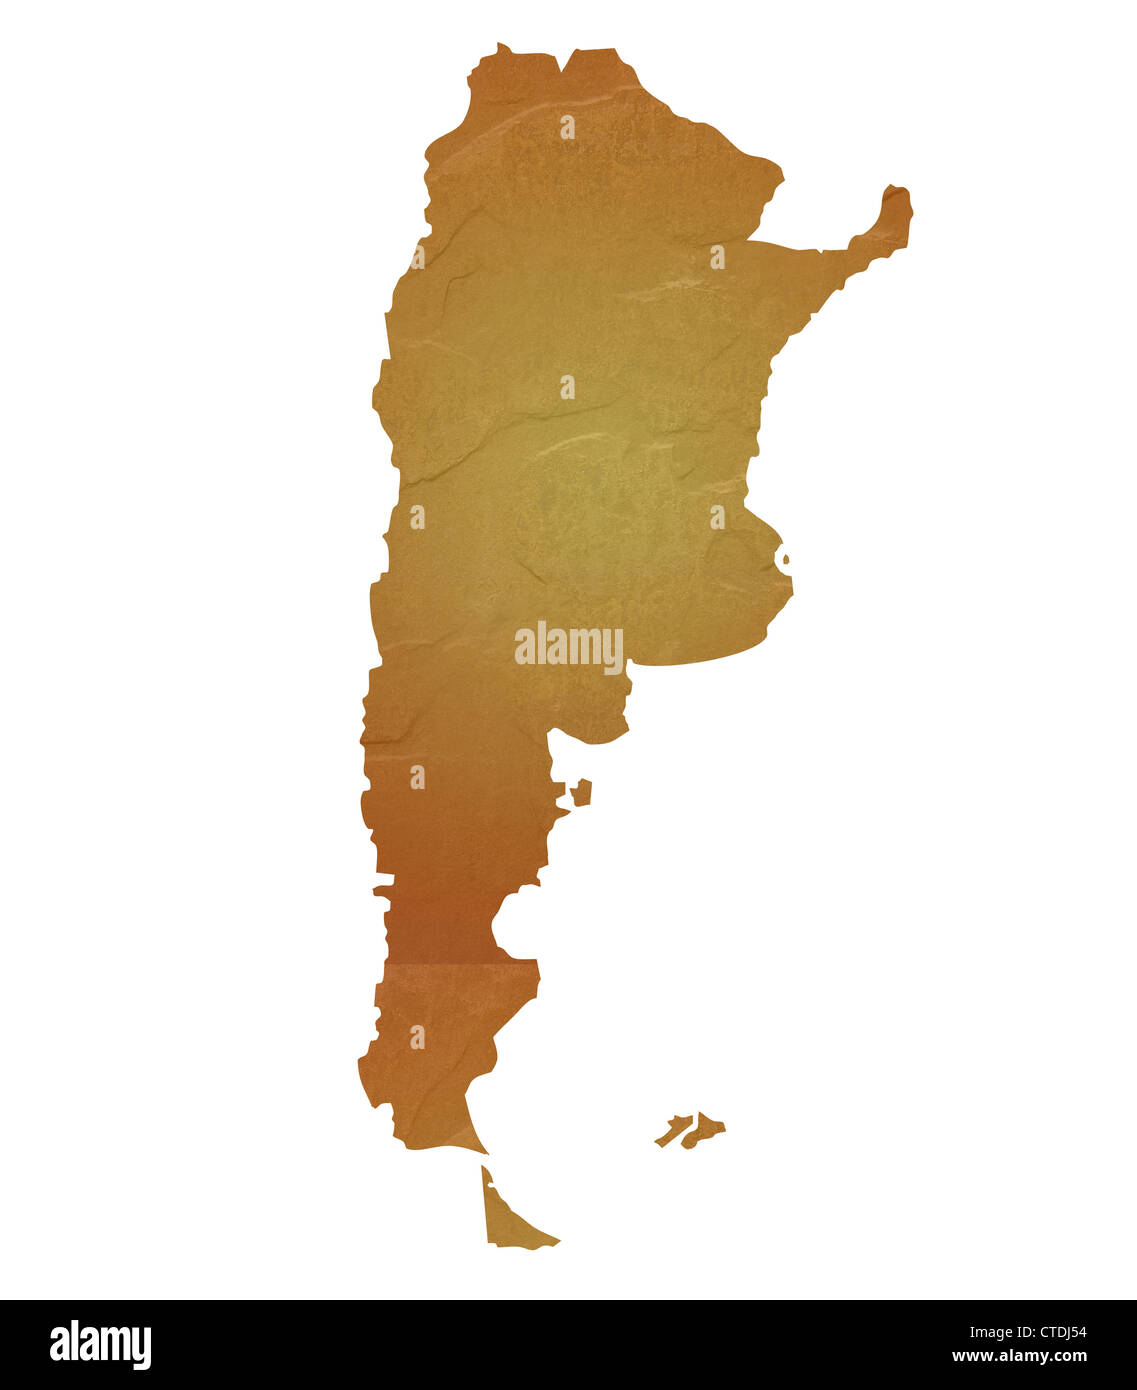 Argentina Map Stock Photos & Argentina Map Stock Images - Alamy